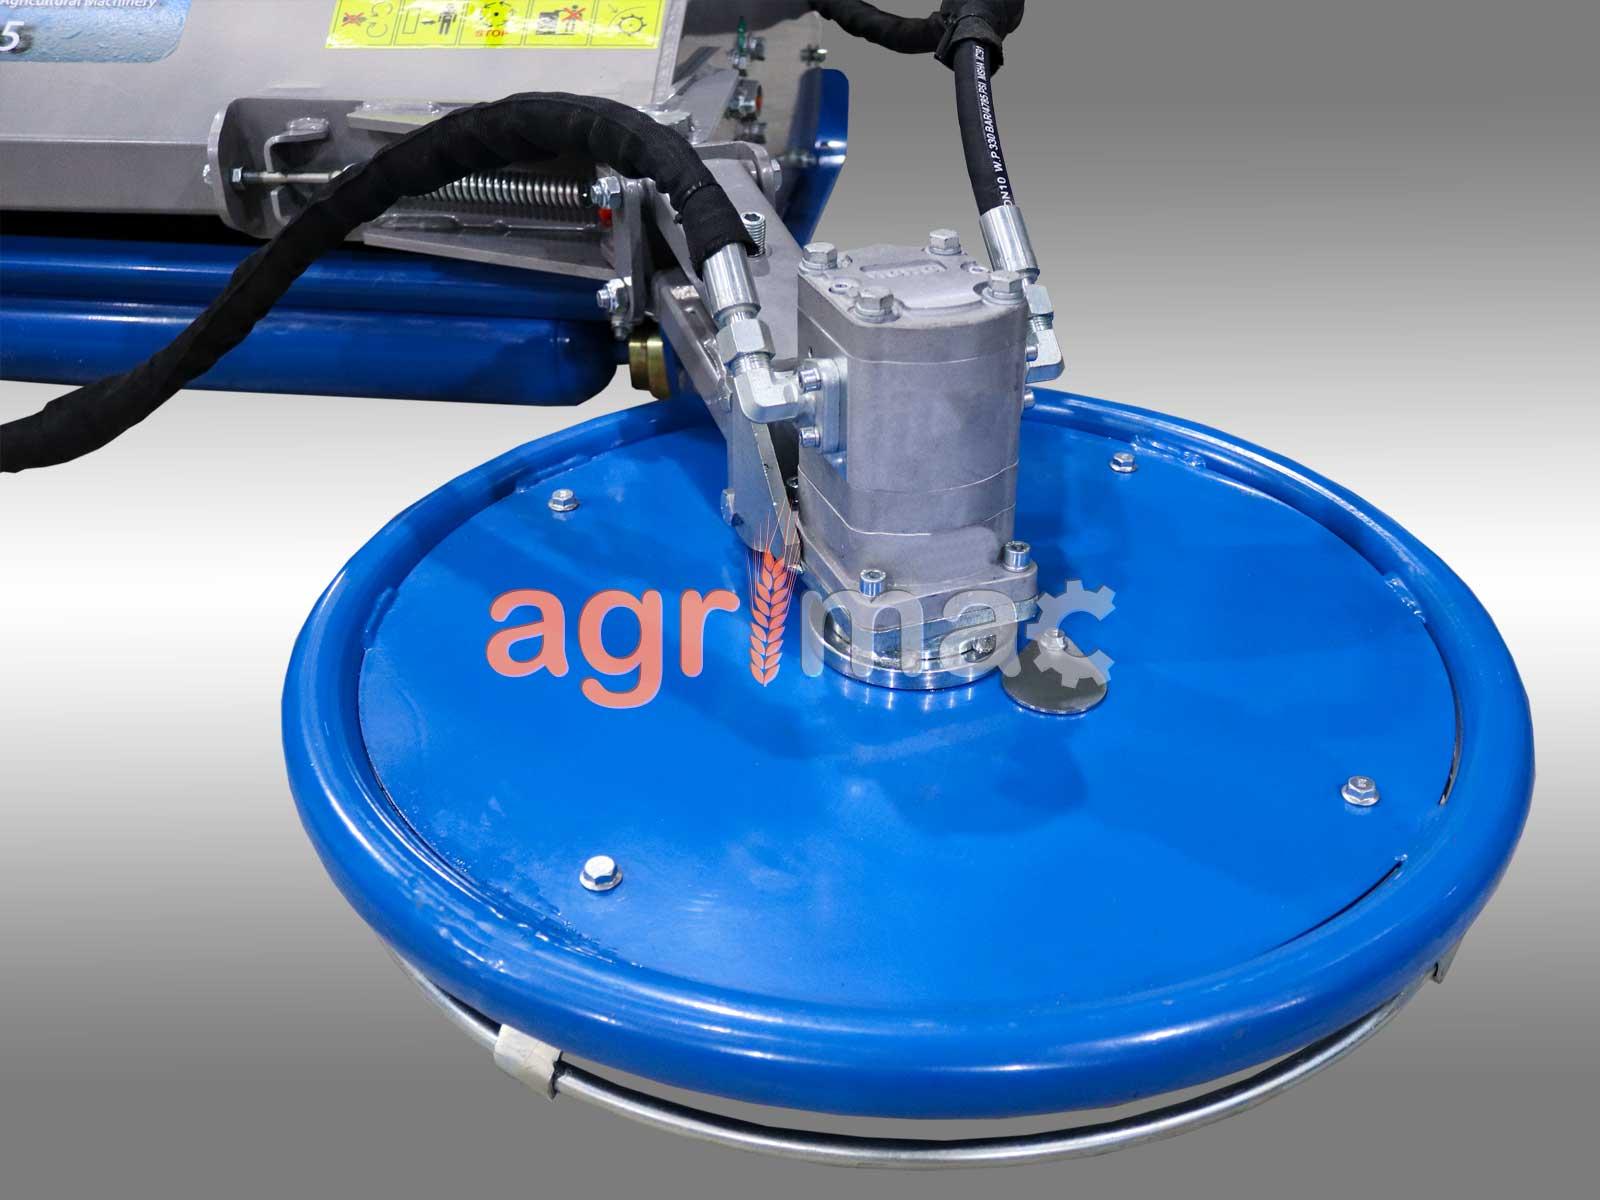 υδραυλικος τροχος γεωργικα μηχανηματα